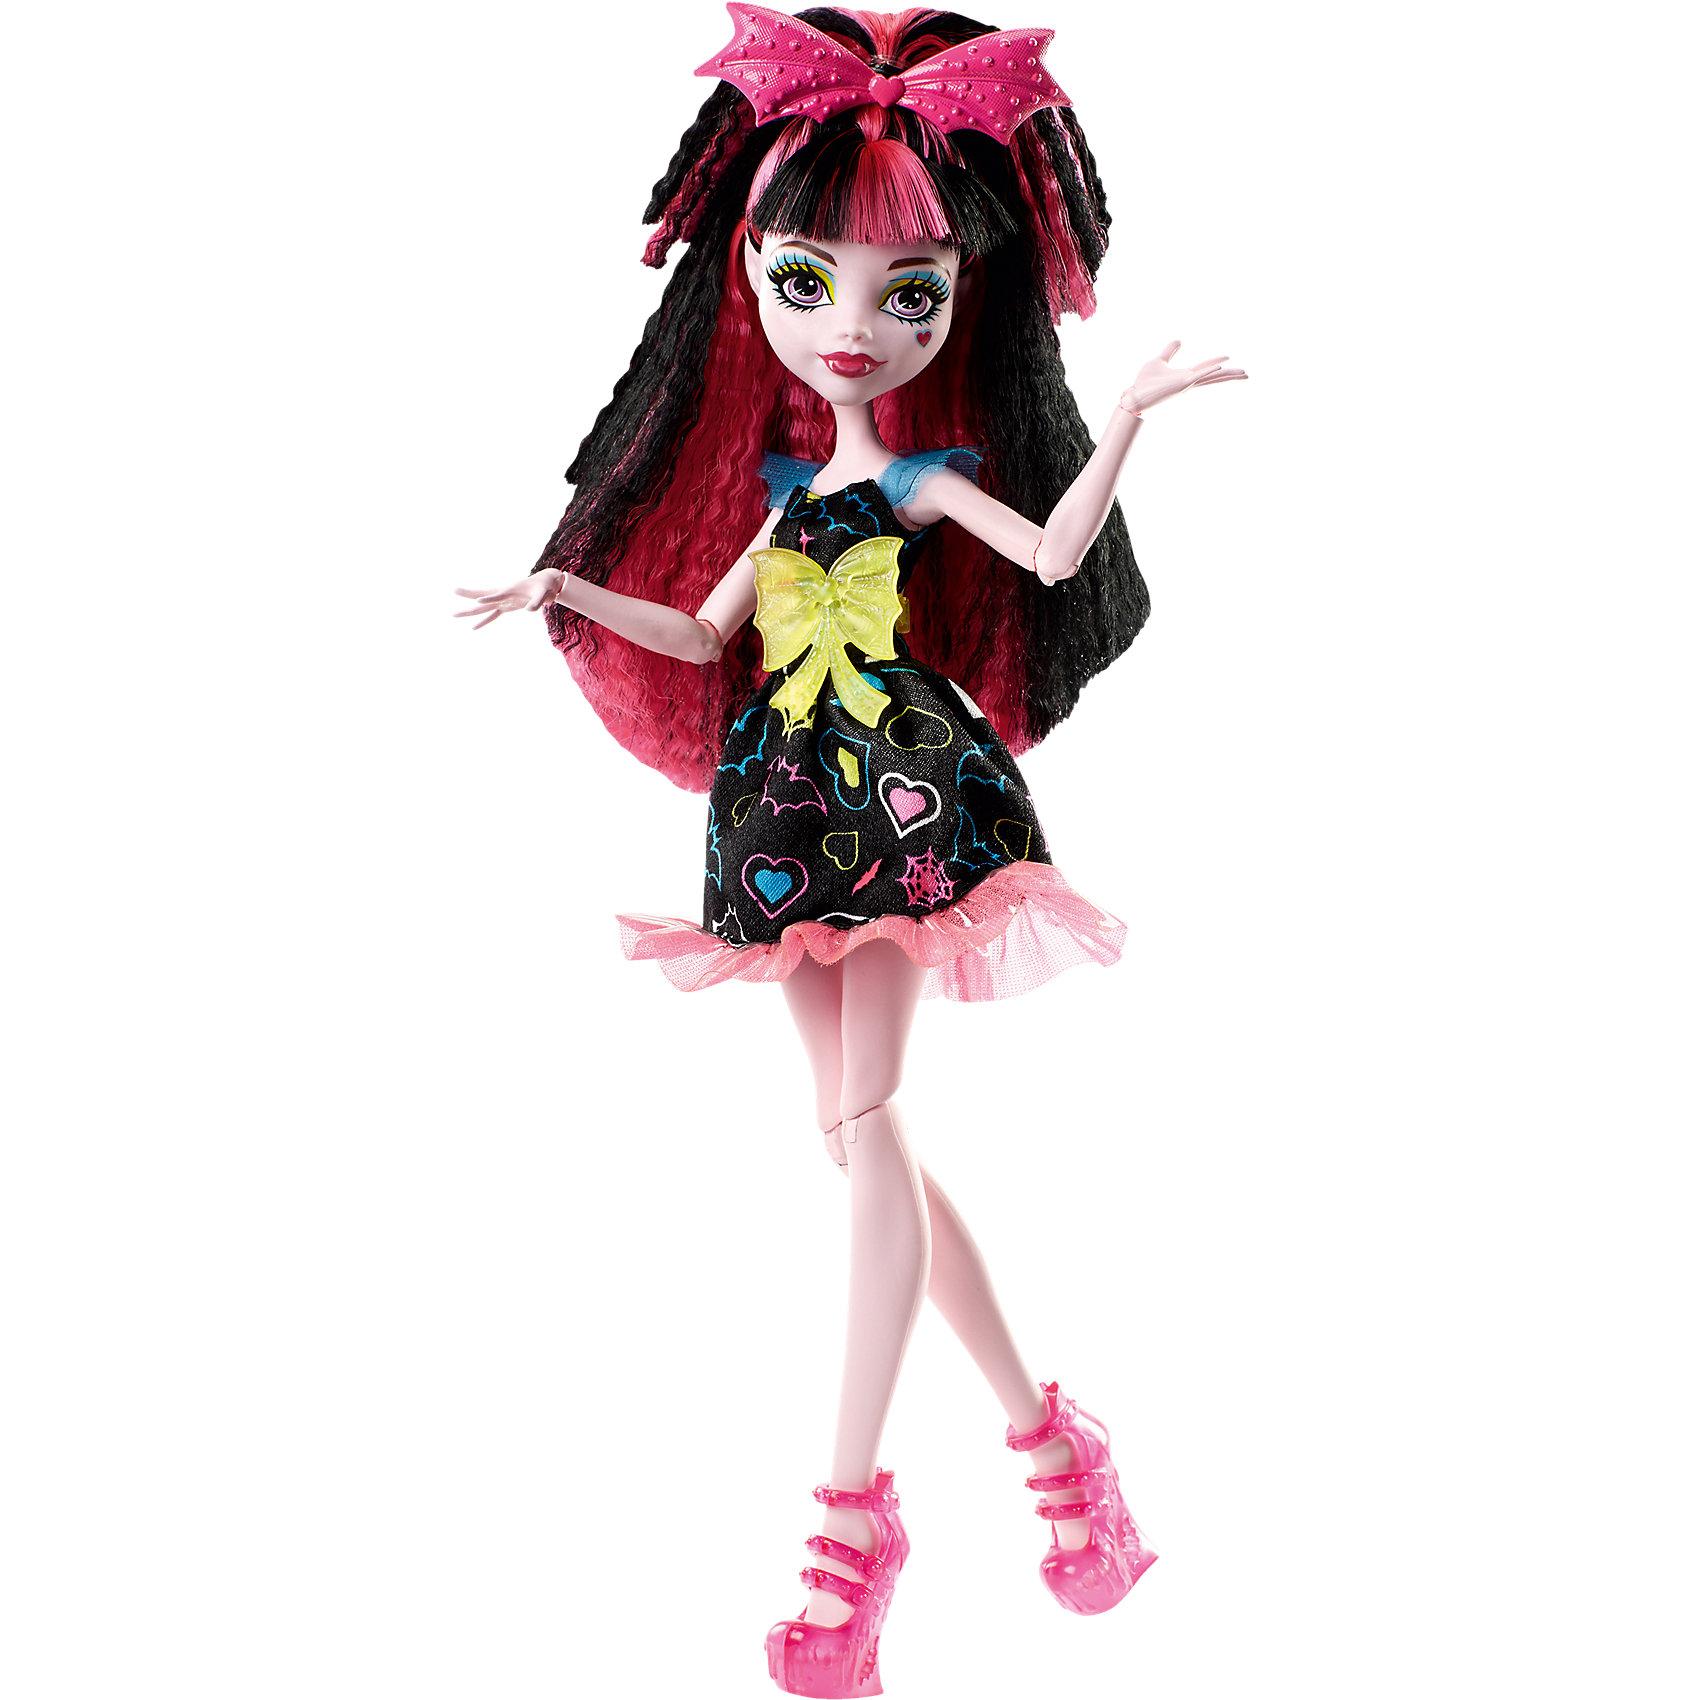 Неоновая монстряшка Дракулаура из серии Под напряжением, Monster HighБренды кукол<br>Характеристики товара:<br><br>• имя куклы: Дракулаура<br>• комплектация: кукла, одежда, аксессуары<br>• материал: пластик, текстиль<br>• серия: Под напряжением<br>• руки, ноги гнутся<br>• высота куклы: 27 см<br>• возраст: от 6 лет<br>• размер упаковки: 32 x 16 x 7 см<br>• вес: 0,3 кг<br>• страна бренда: США<br><br>Такая современная кукла порадует маленьких любительниц мультфильмов про мир Monster High. Костюм героини мультфильма дополняет обувь и аксессуары. Руки и ноги гнутся, из длинных волос можно делать прически! Кукла Дракулаура из серии Под напряжением, Monster High, станет великолепным подарком для девочек.<br><br>Игры с куклами помогают девочкам отработать сценарии поведения в обществе, развить воображение и мелкую моторику. Изделие произведено из безопасных для детей материалов. Куклы Monster High от бренда Mattel не перестают быть популярными у современных девочек! <br><br>Куклу Неоновая монстряшка Дракулаура из серии Под напряжением, Monster High, от компании Mattel можно купить в нашем интернет-магазине.<br><br>Ширина мм: 339<br>Глубина мм: 154<br>Высота мм: 58<br>Вес г: 172<br>Возраст от месяцев: 72<br>Возраст до месяцев: 120<br>Пол: Женский<br>Возраст: Детский<br>SKU: 5089100